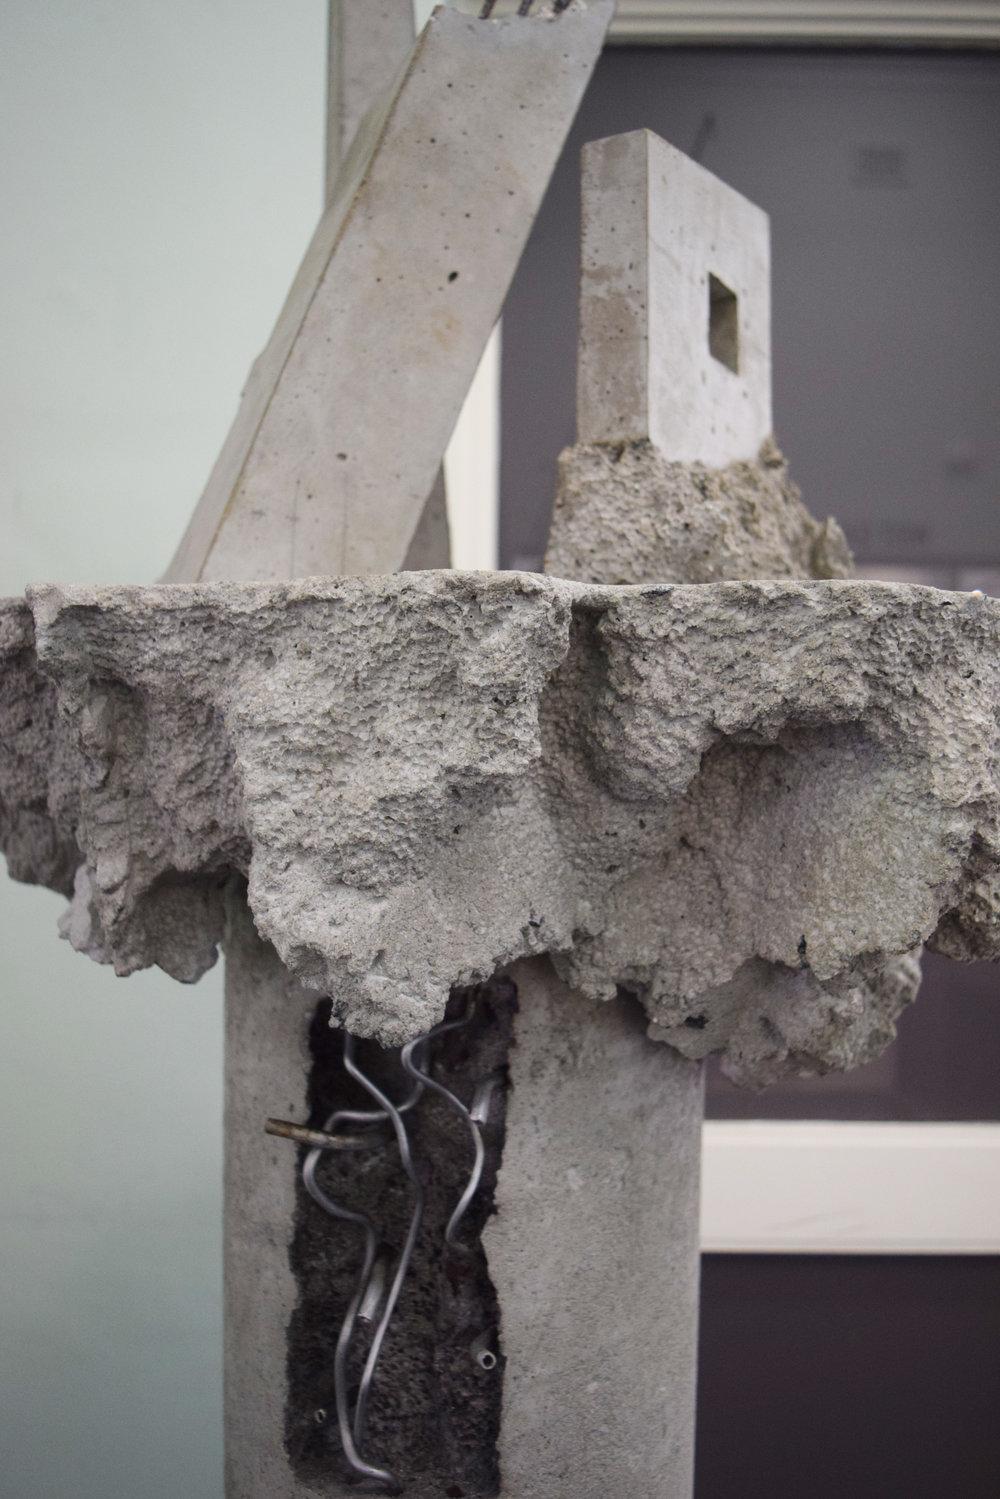 23. Adam Ismail and William Leggett,  Core  (detail) ,  2018, concrete, steel and Aluminium, 50 x 50 x 240 cm $4,000